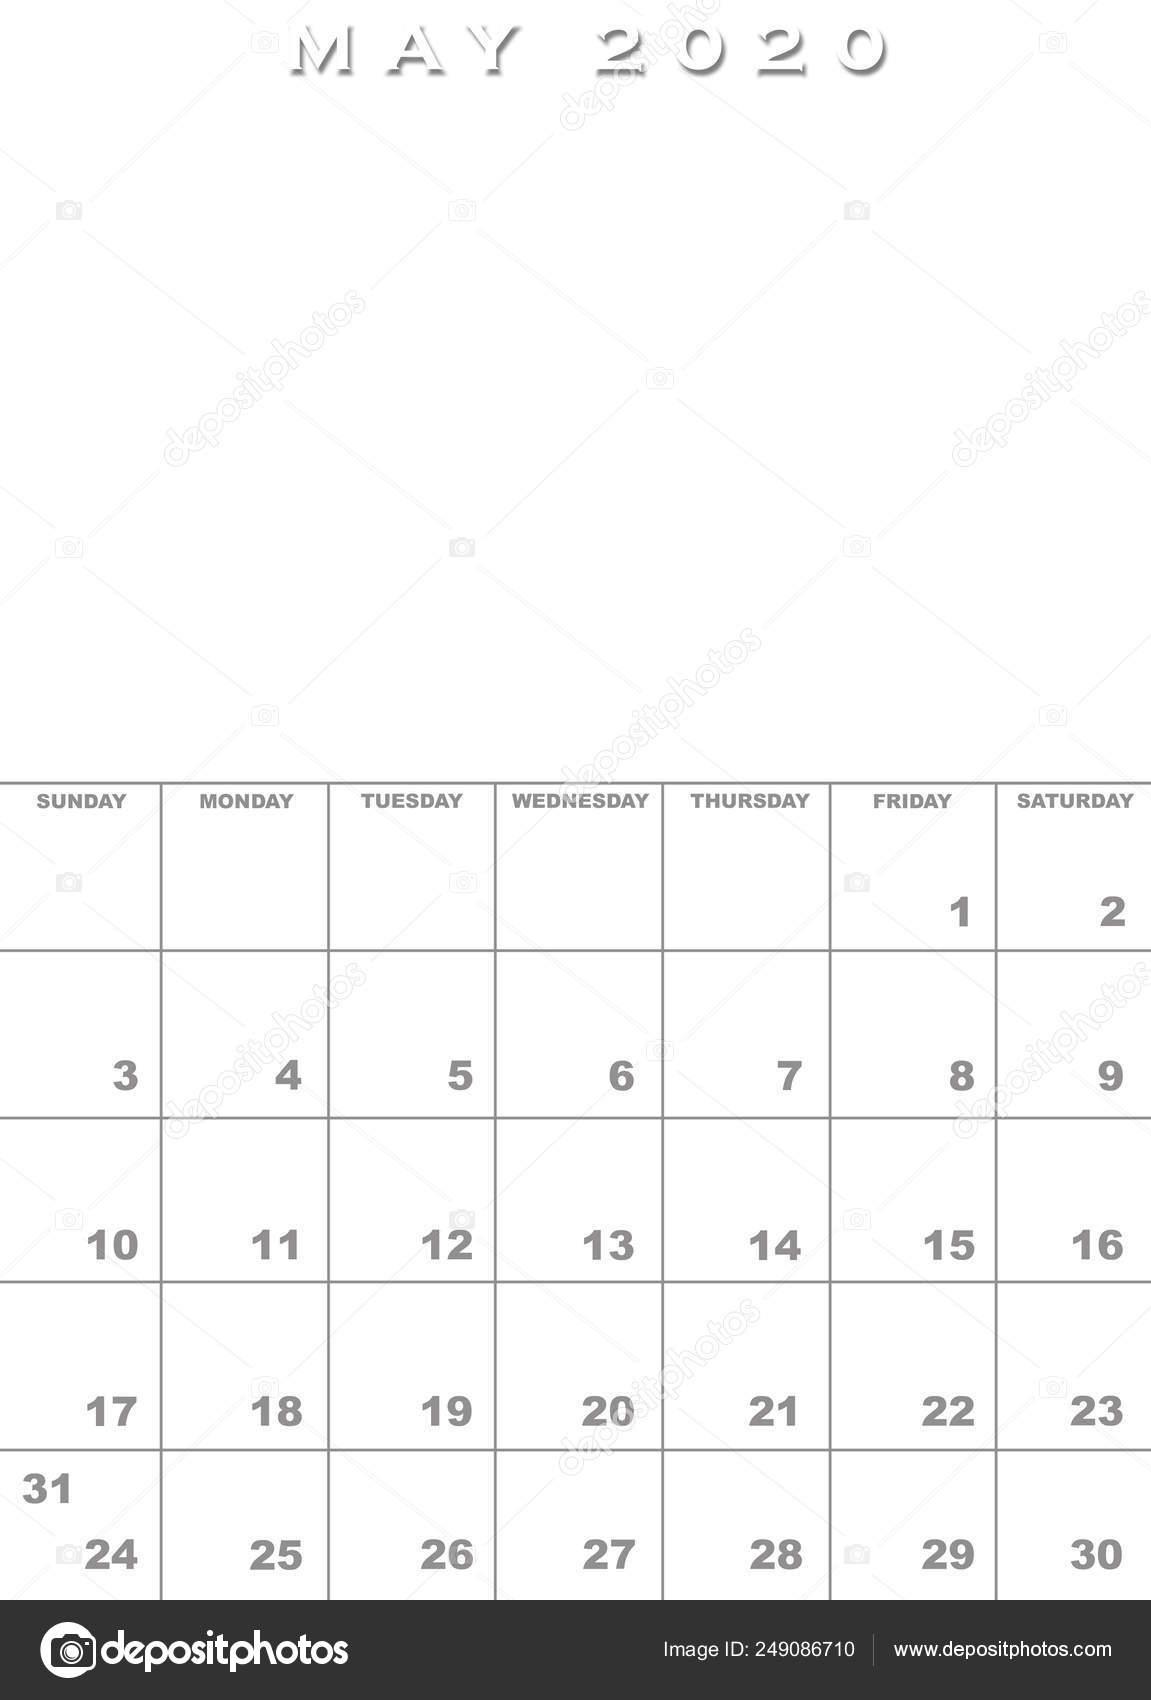 Calendario Mese Di Maggio 2020.Modello Di Calendario Maggio 2020 Foto Stock C Paulvinten